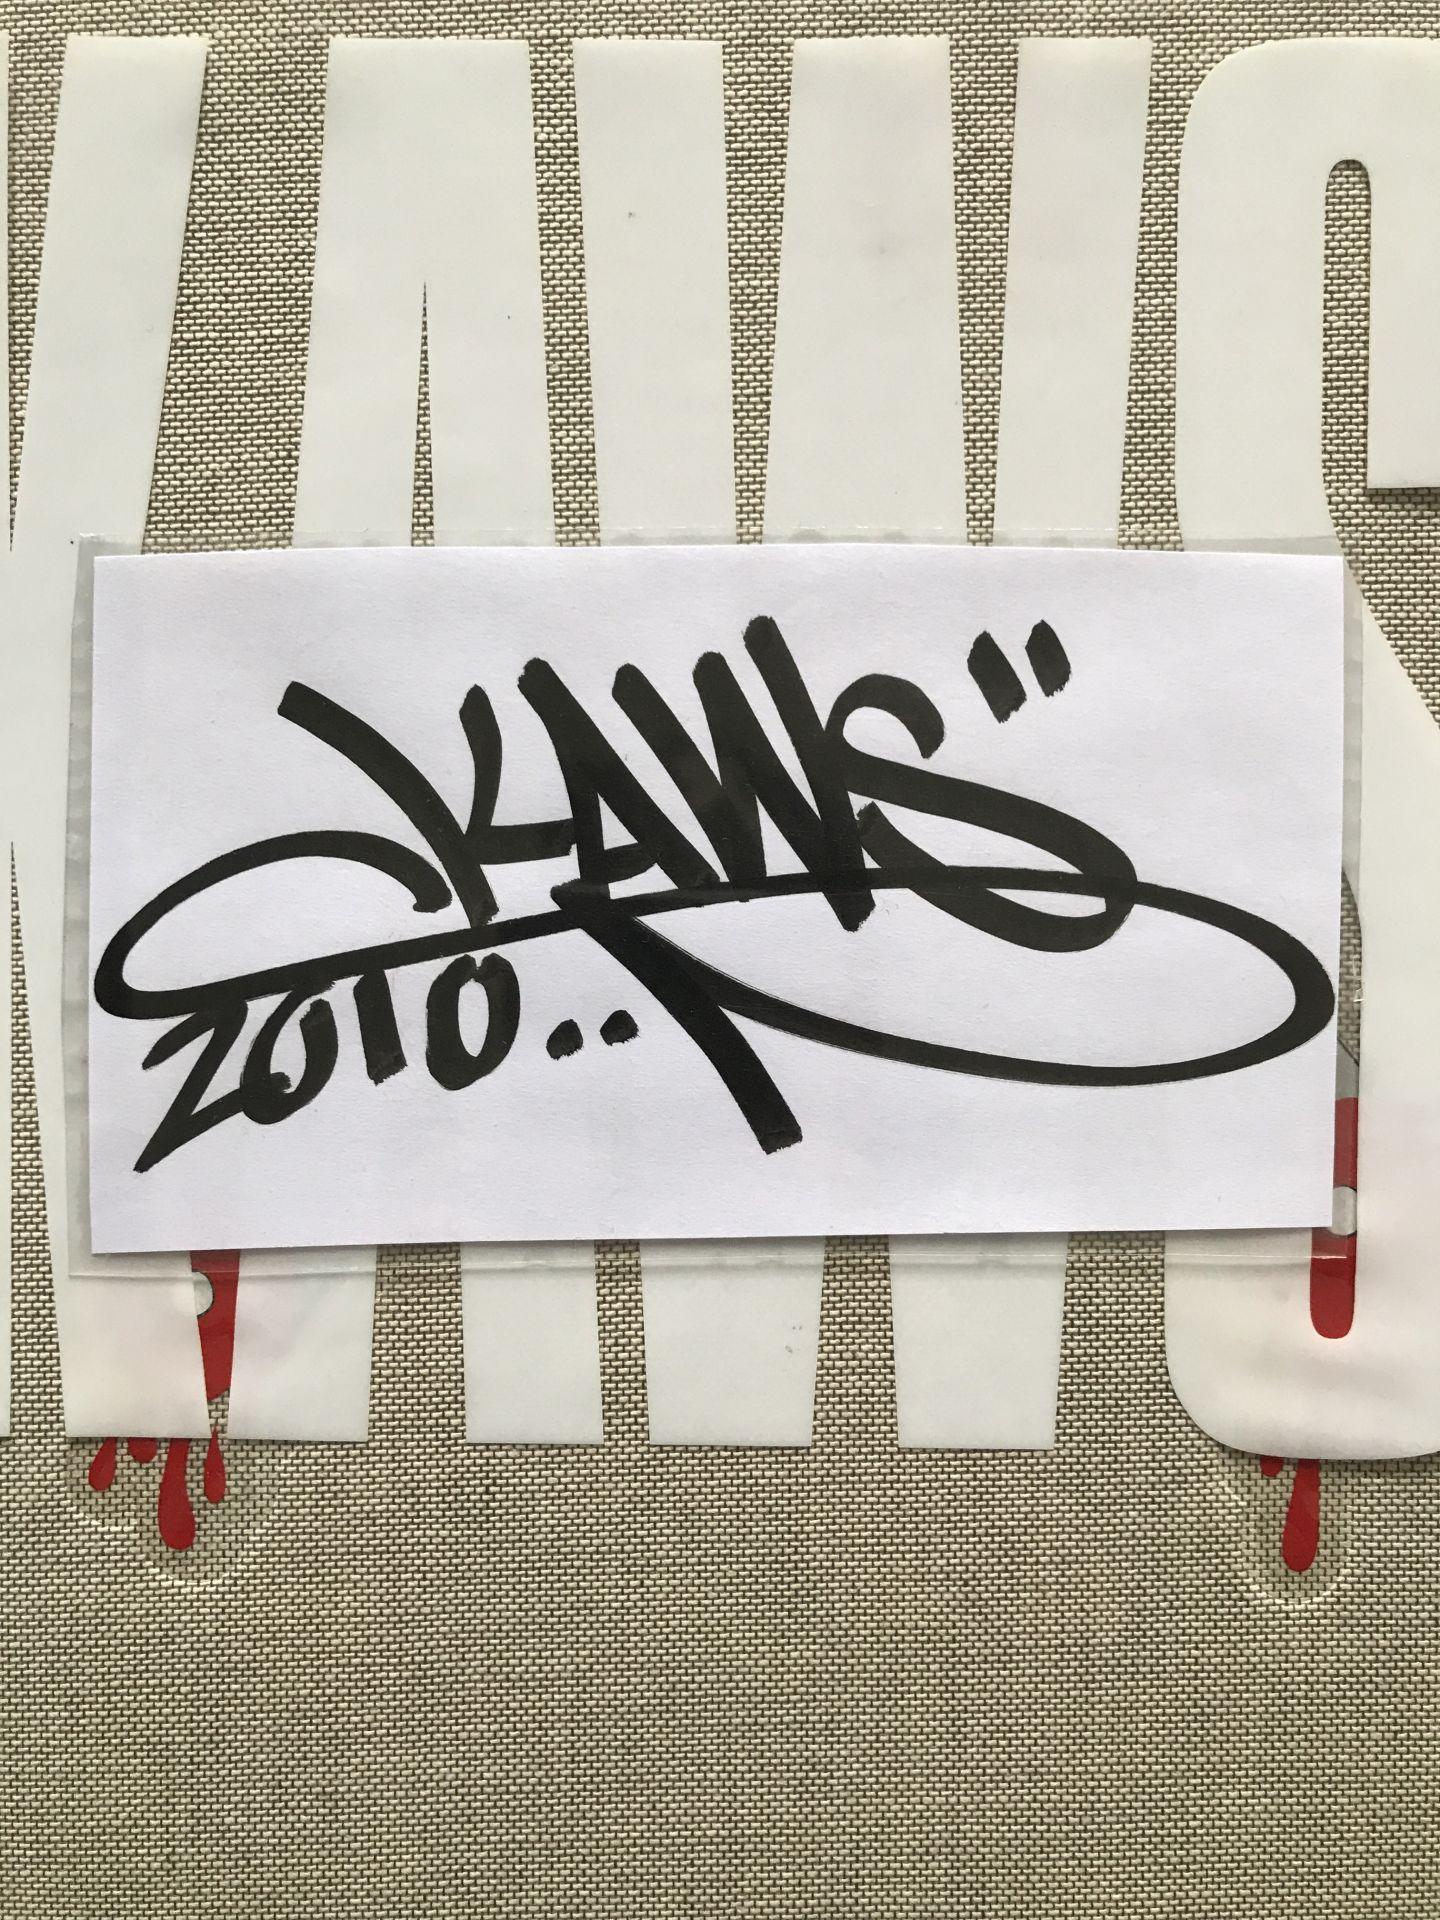 Signature Kaws